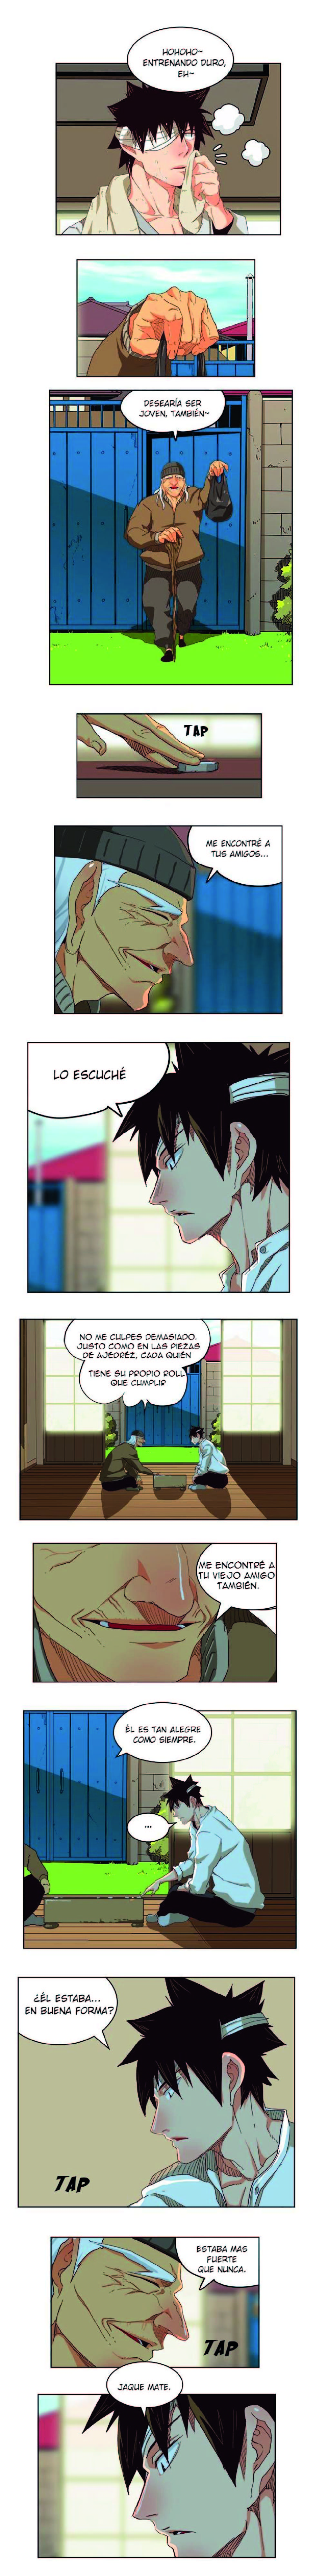 http://c5.ninemanga.com/es_manga/37/485/439576/66cb42dd78b33bbc0eaad0b7712a888a.jpg Page 2